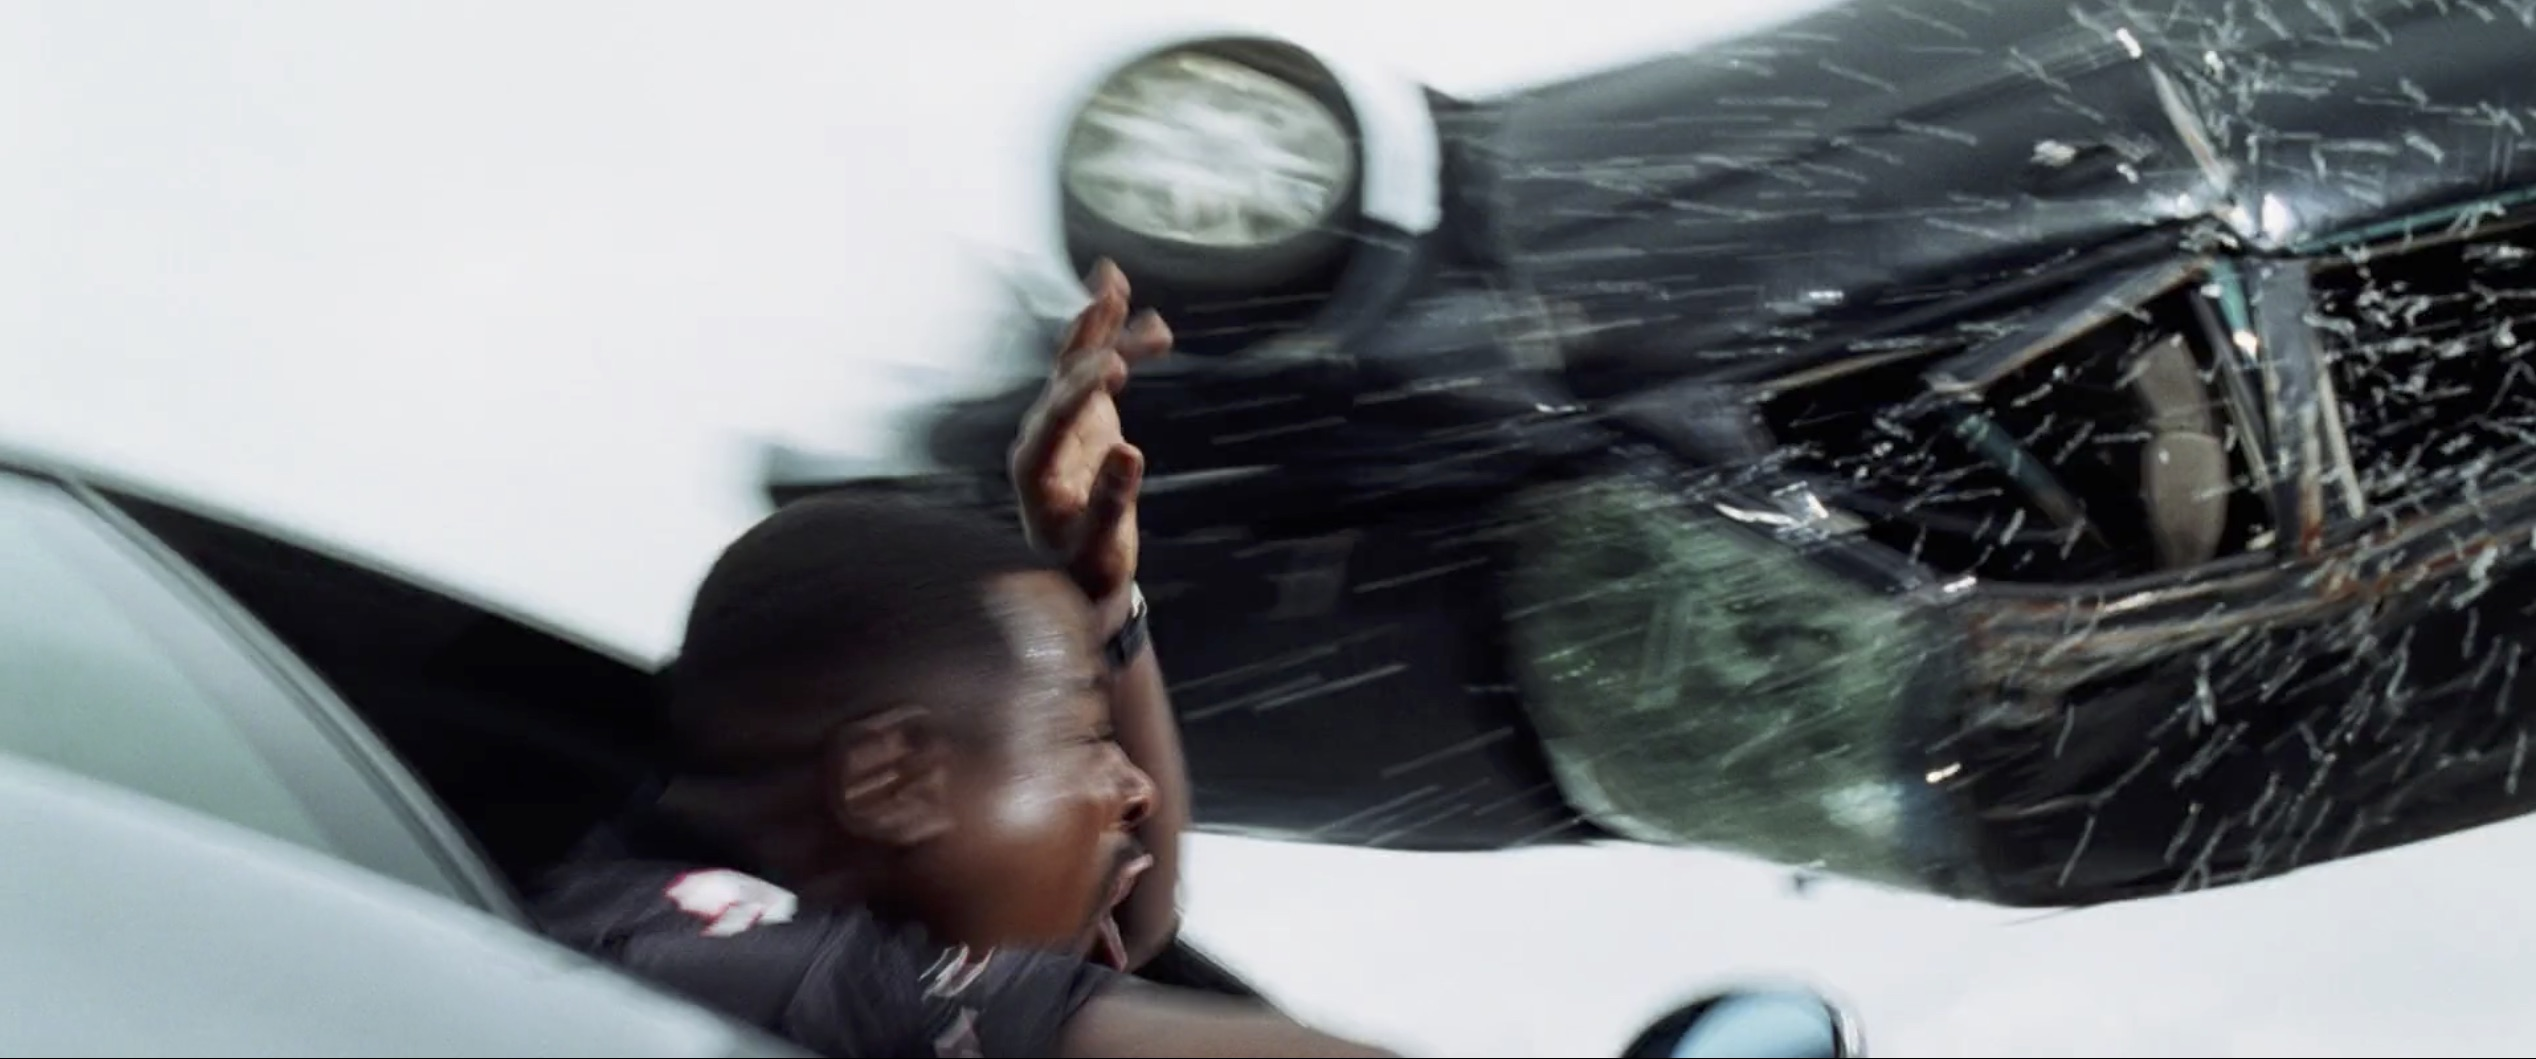 Bad Boys II car crash in air